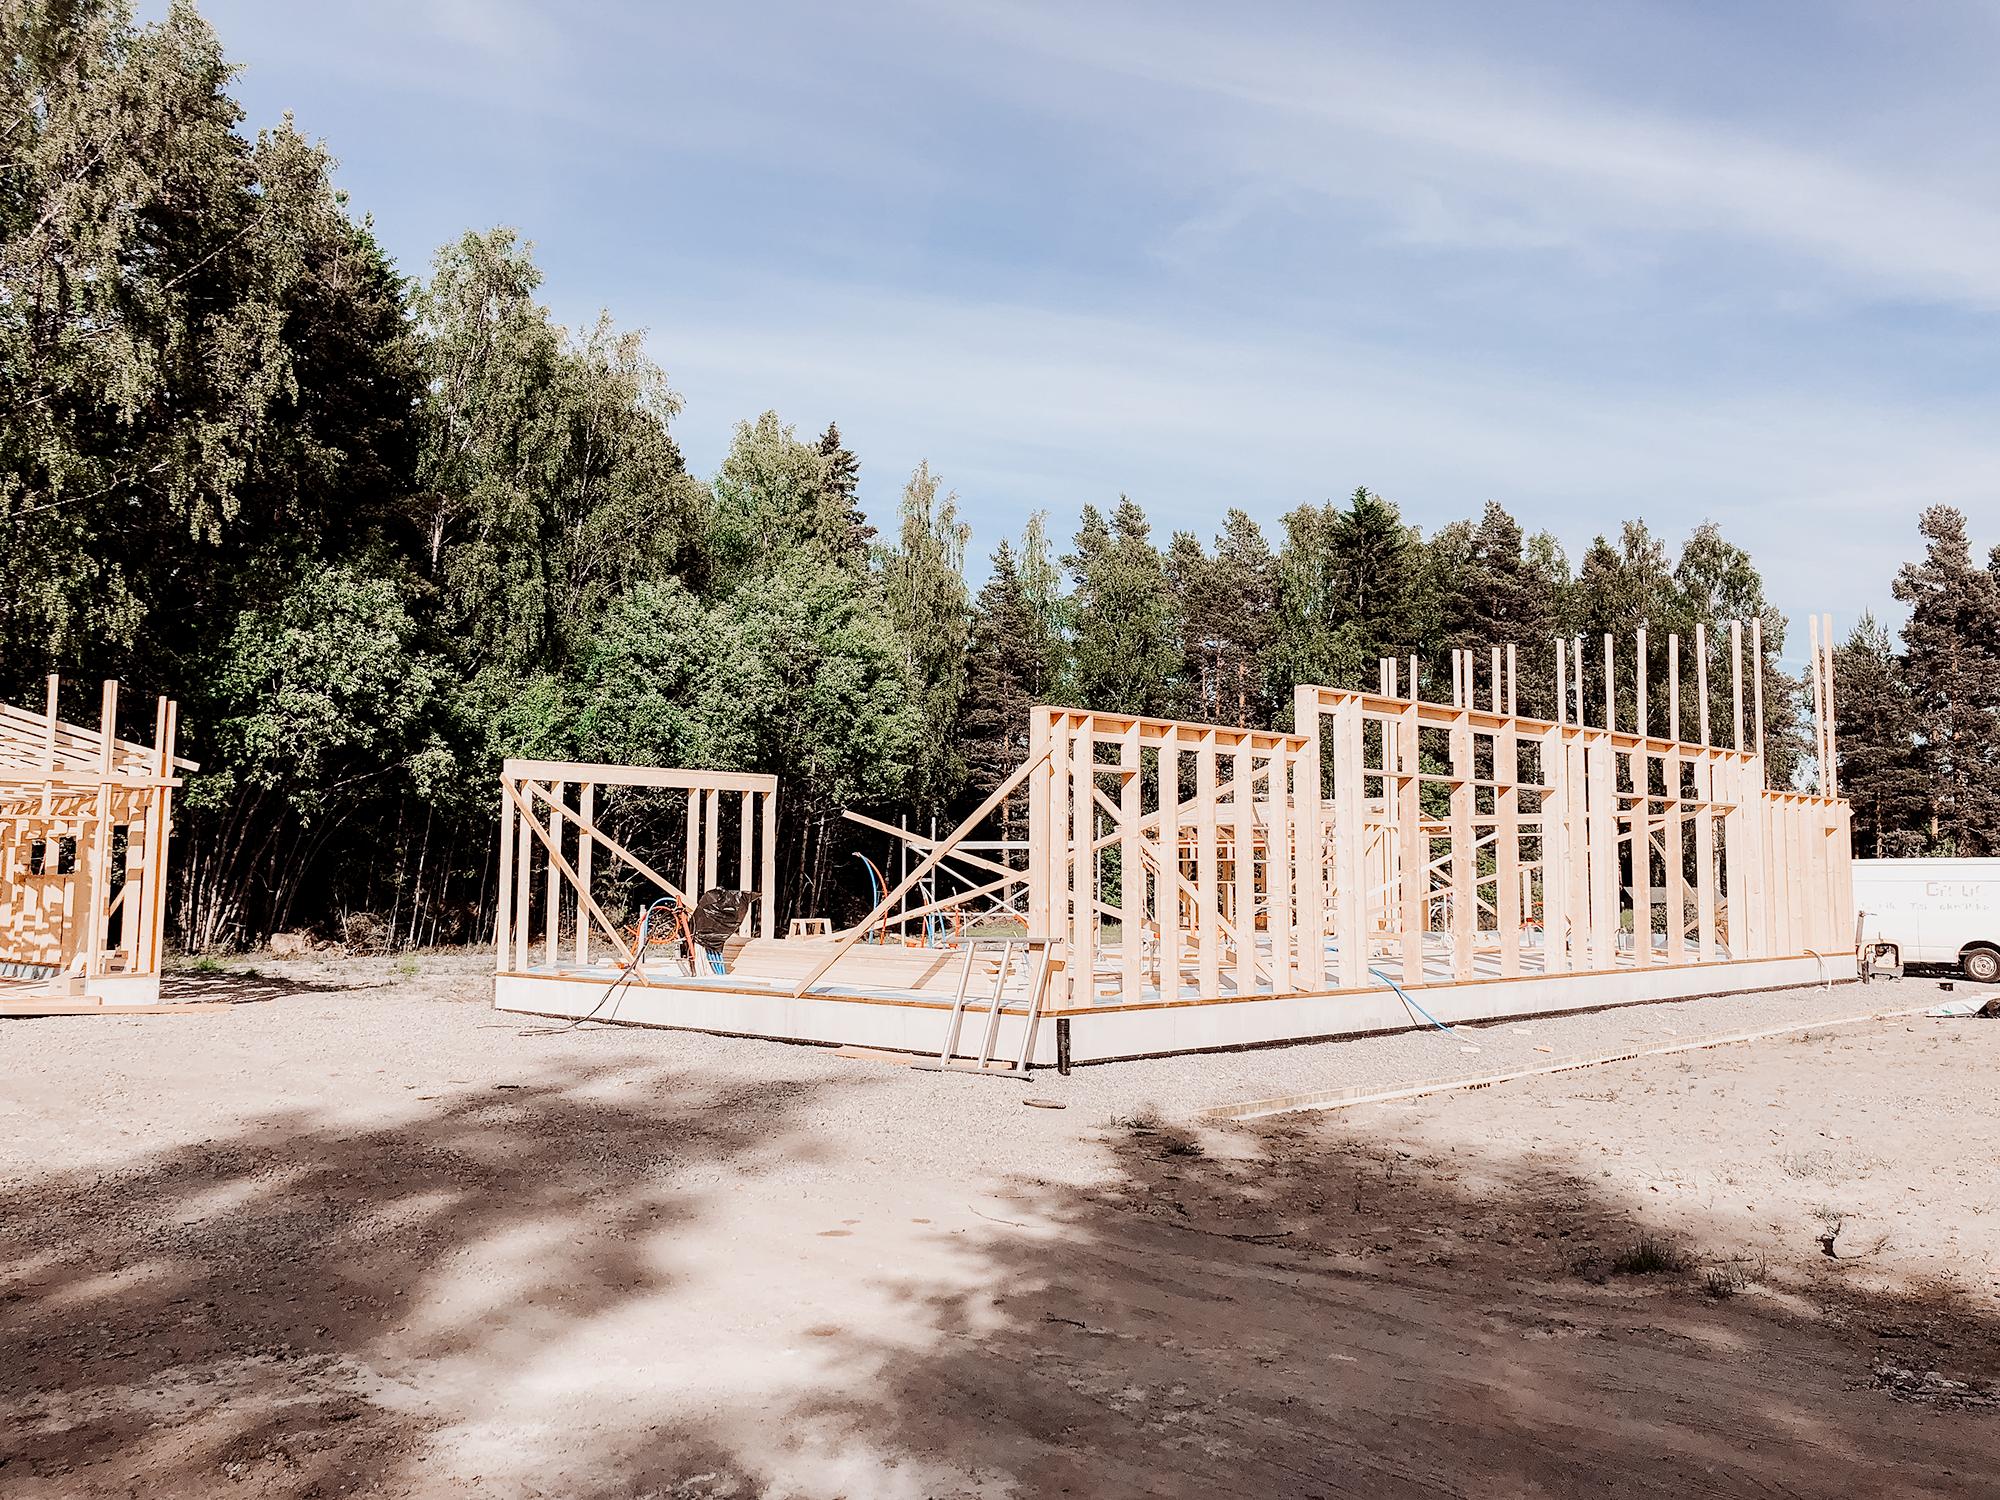 Building Home || The process || By Sandramaria || Sandramarias.com